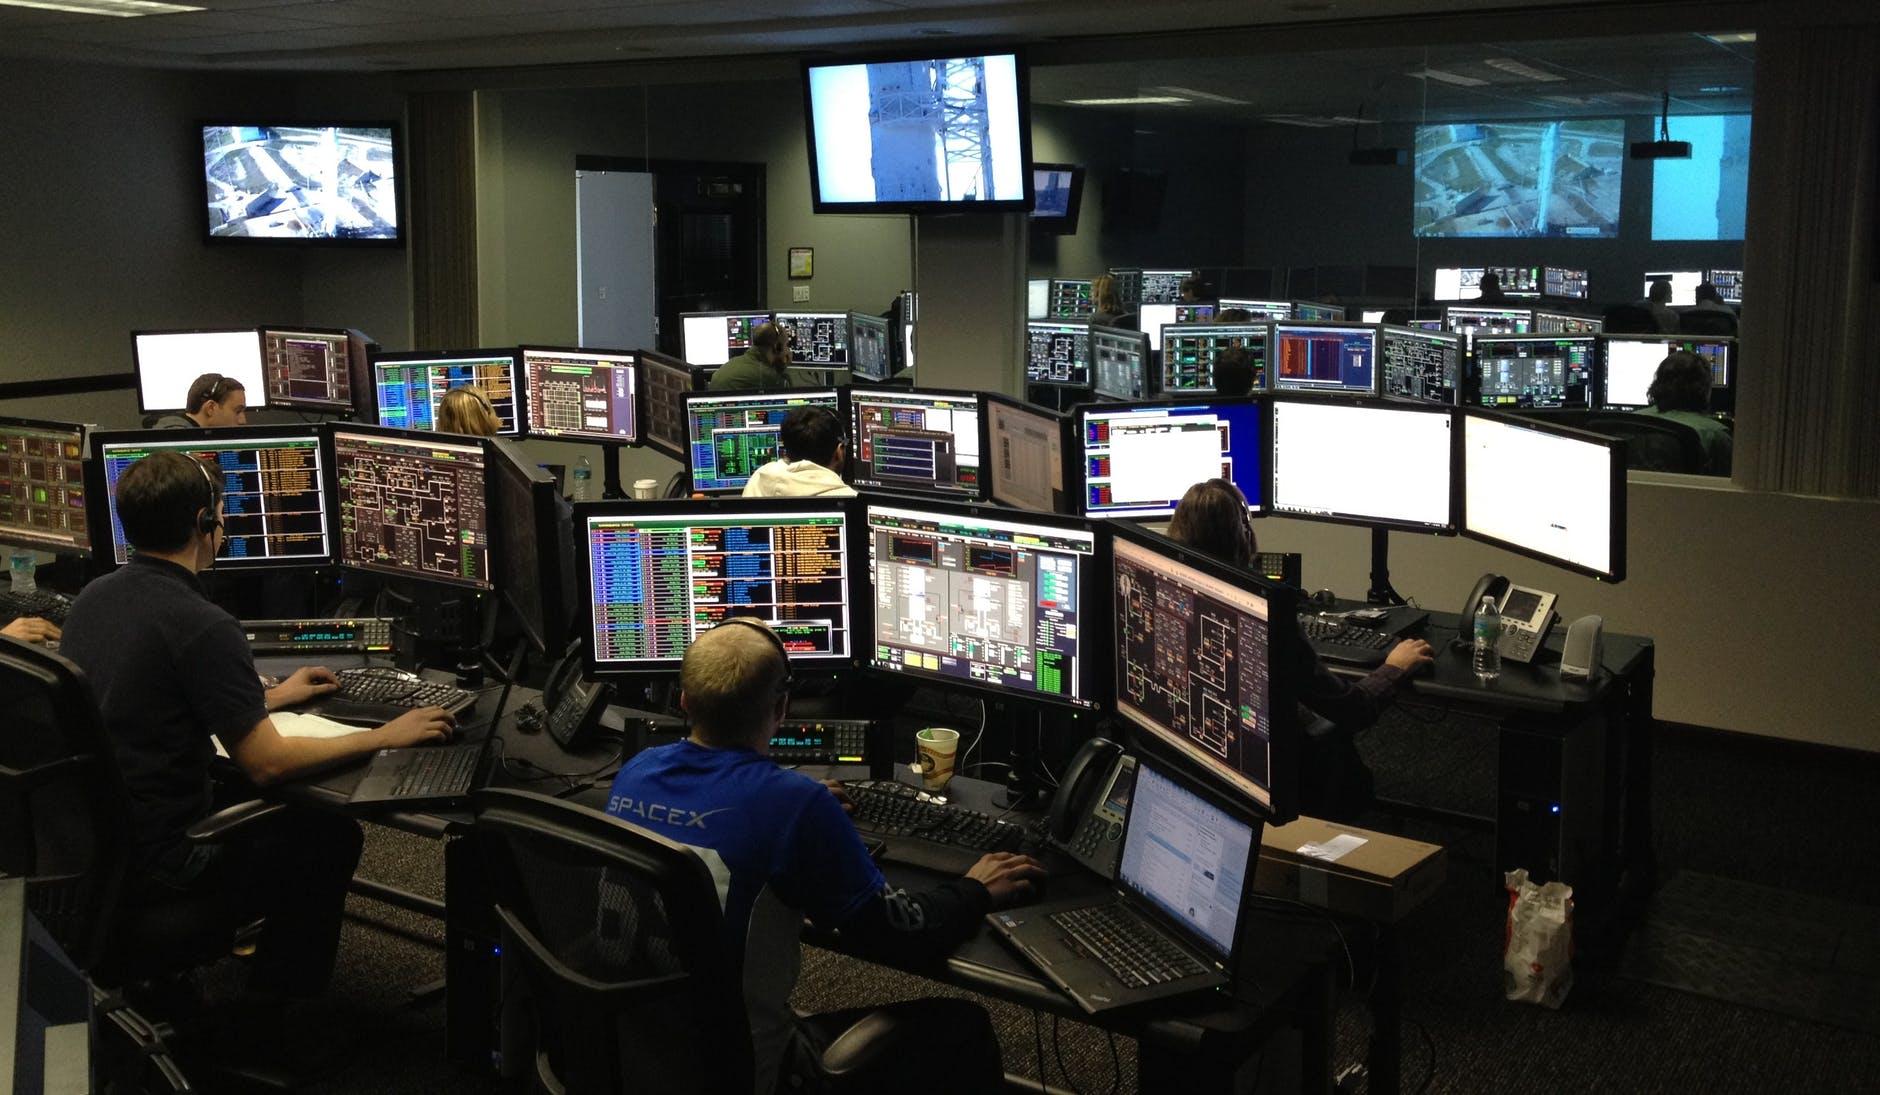 Control room - humanfactors101.com